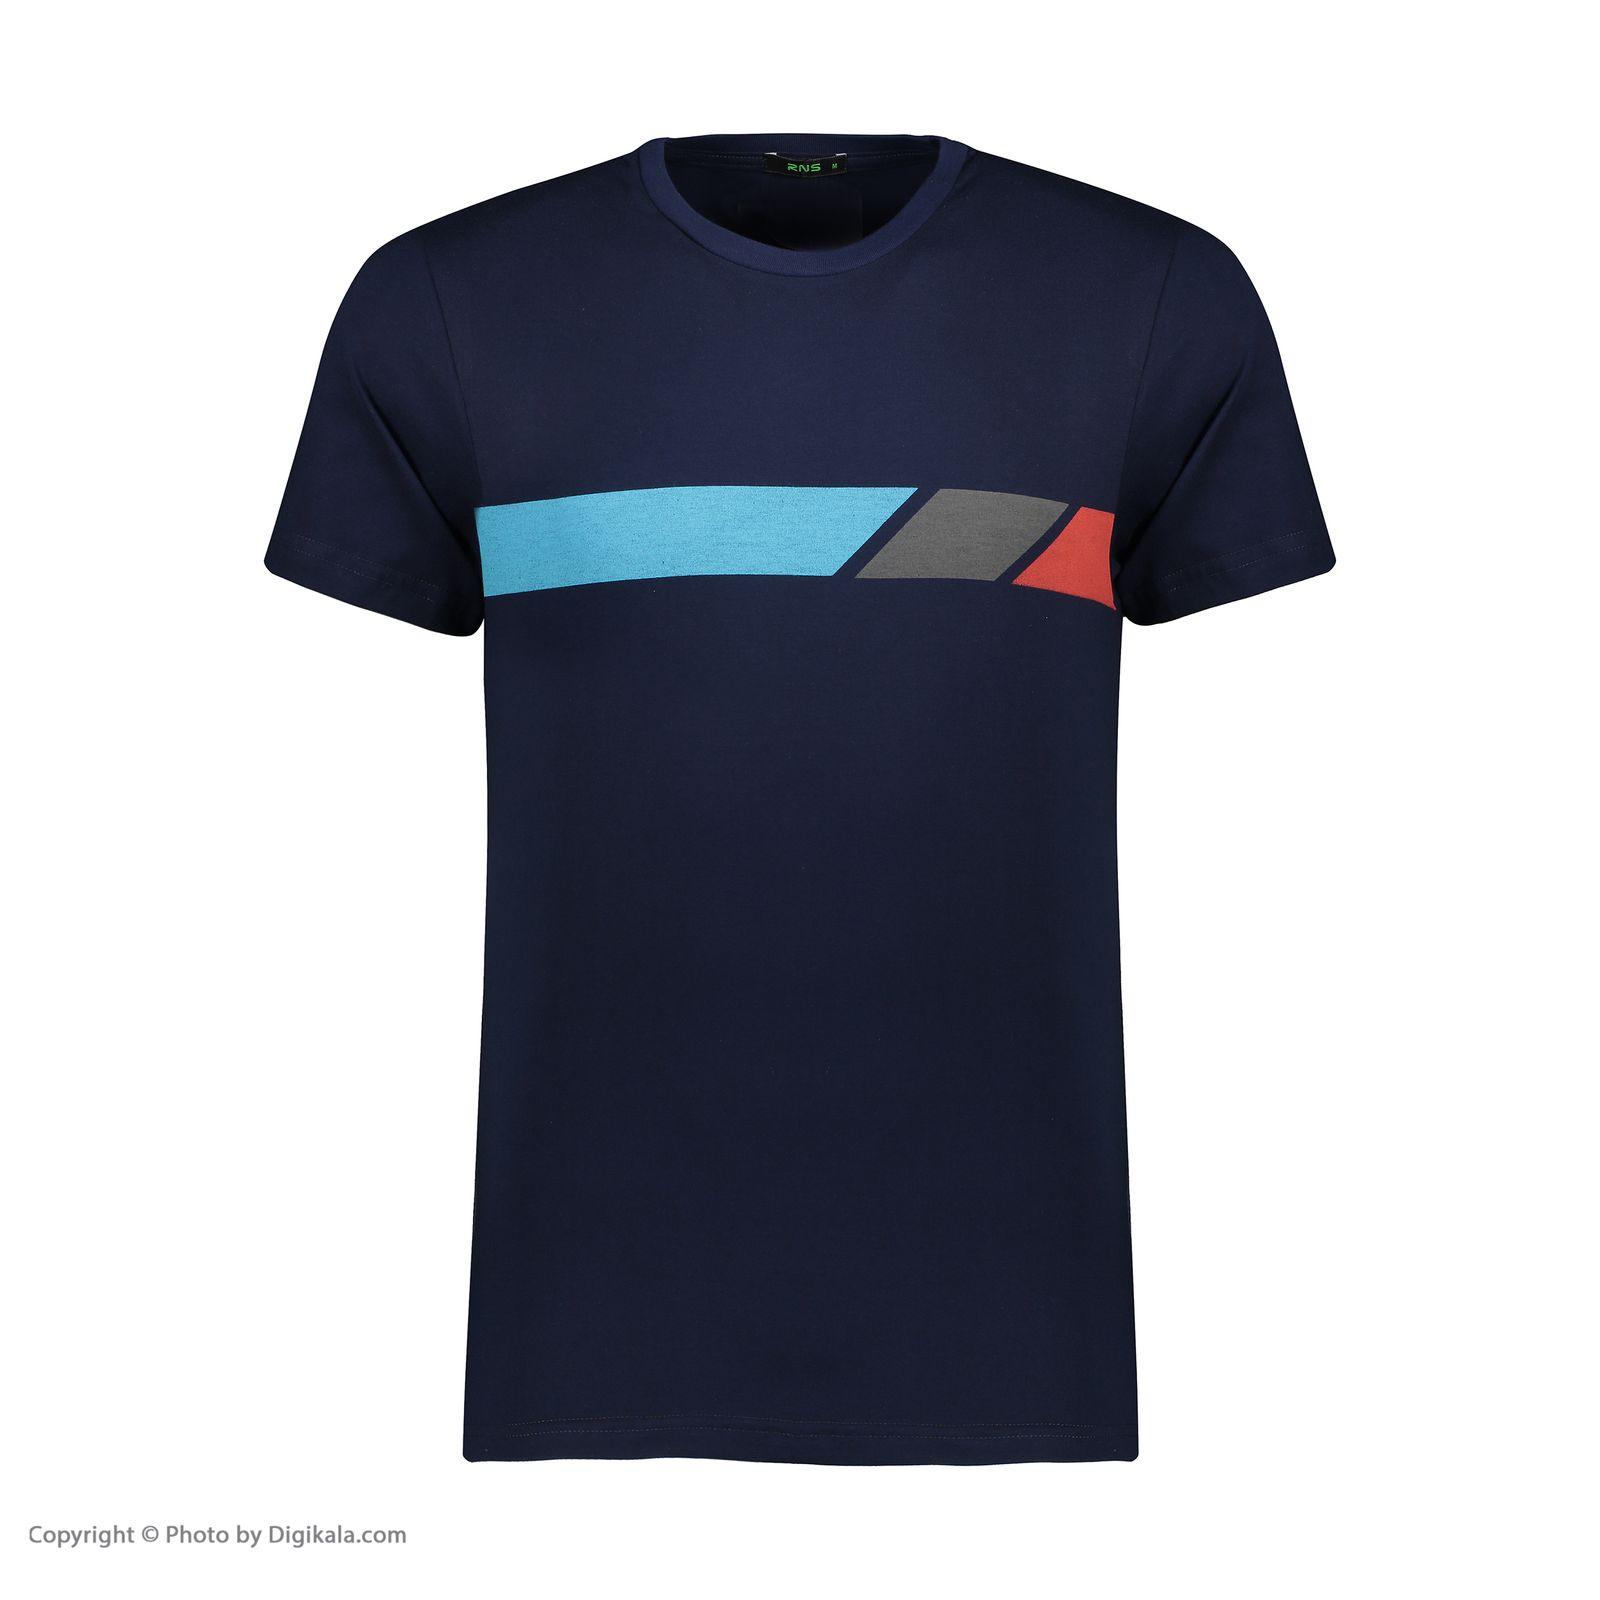 تی شرت مردانه آر ان اس مدل 1131144-59 -  - 1